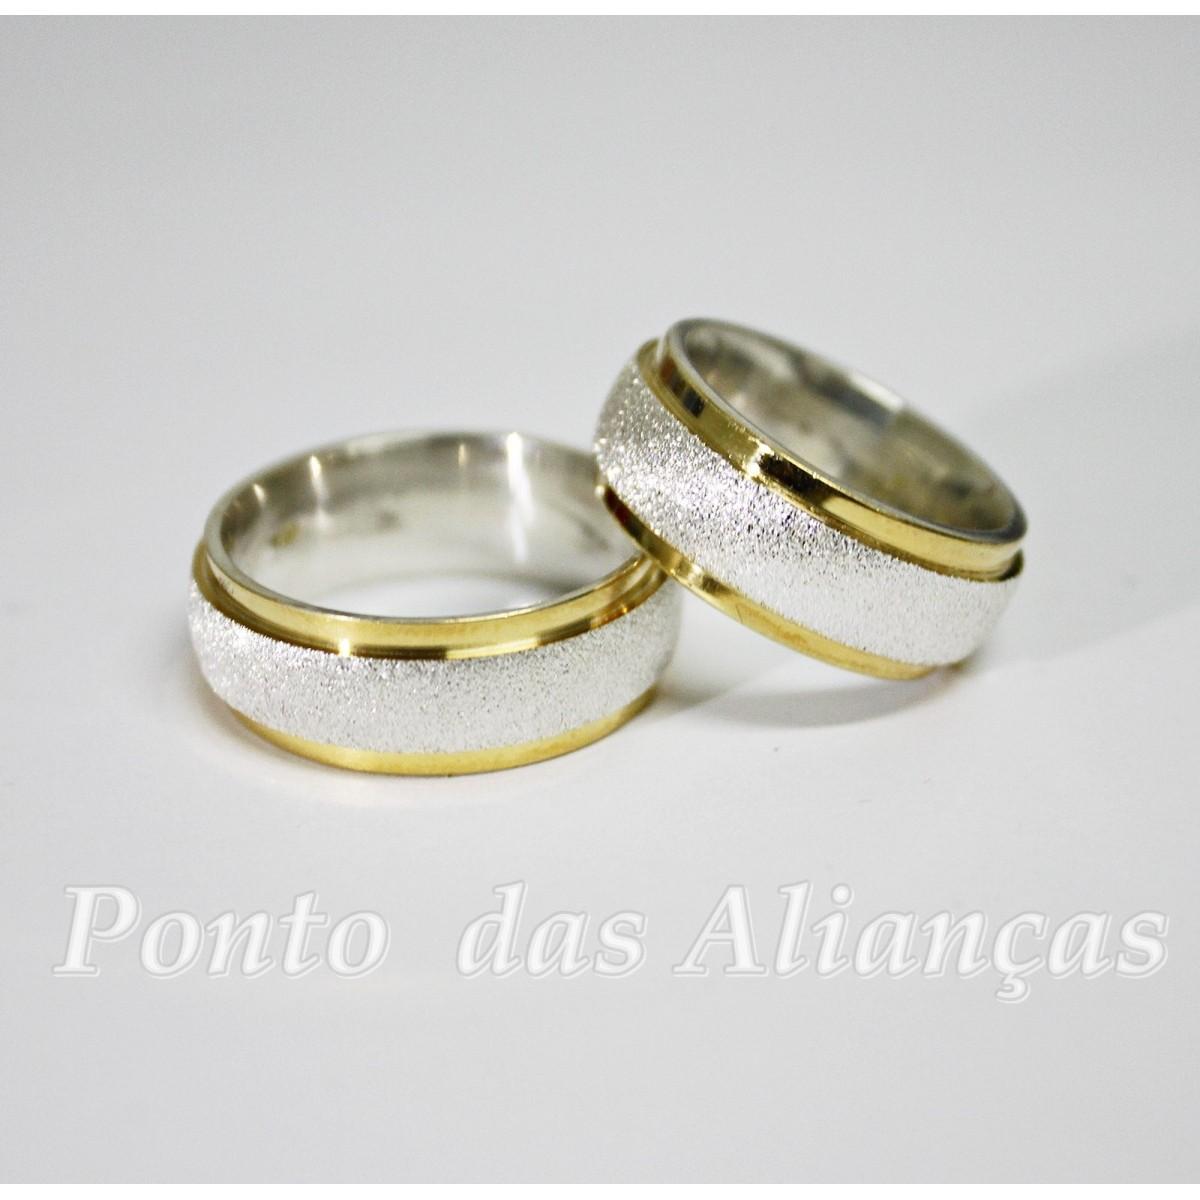 Alianças de Prata Compromisso - Noivado - 3083